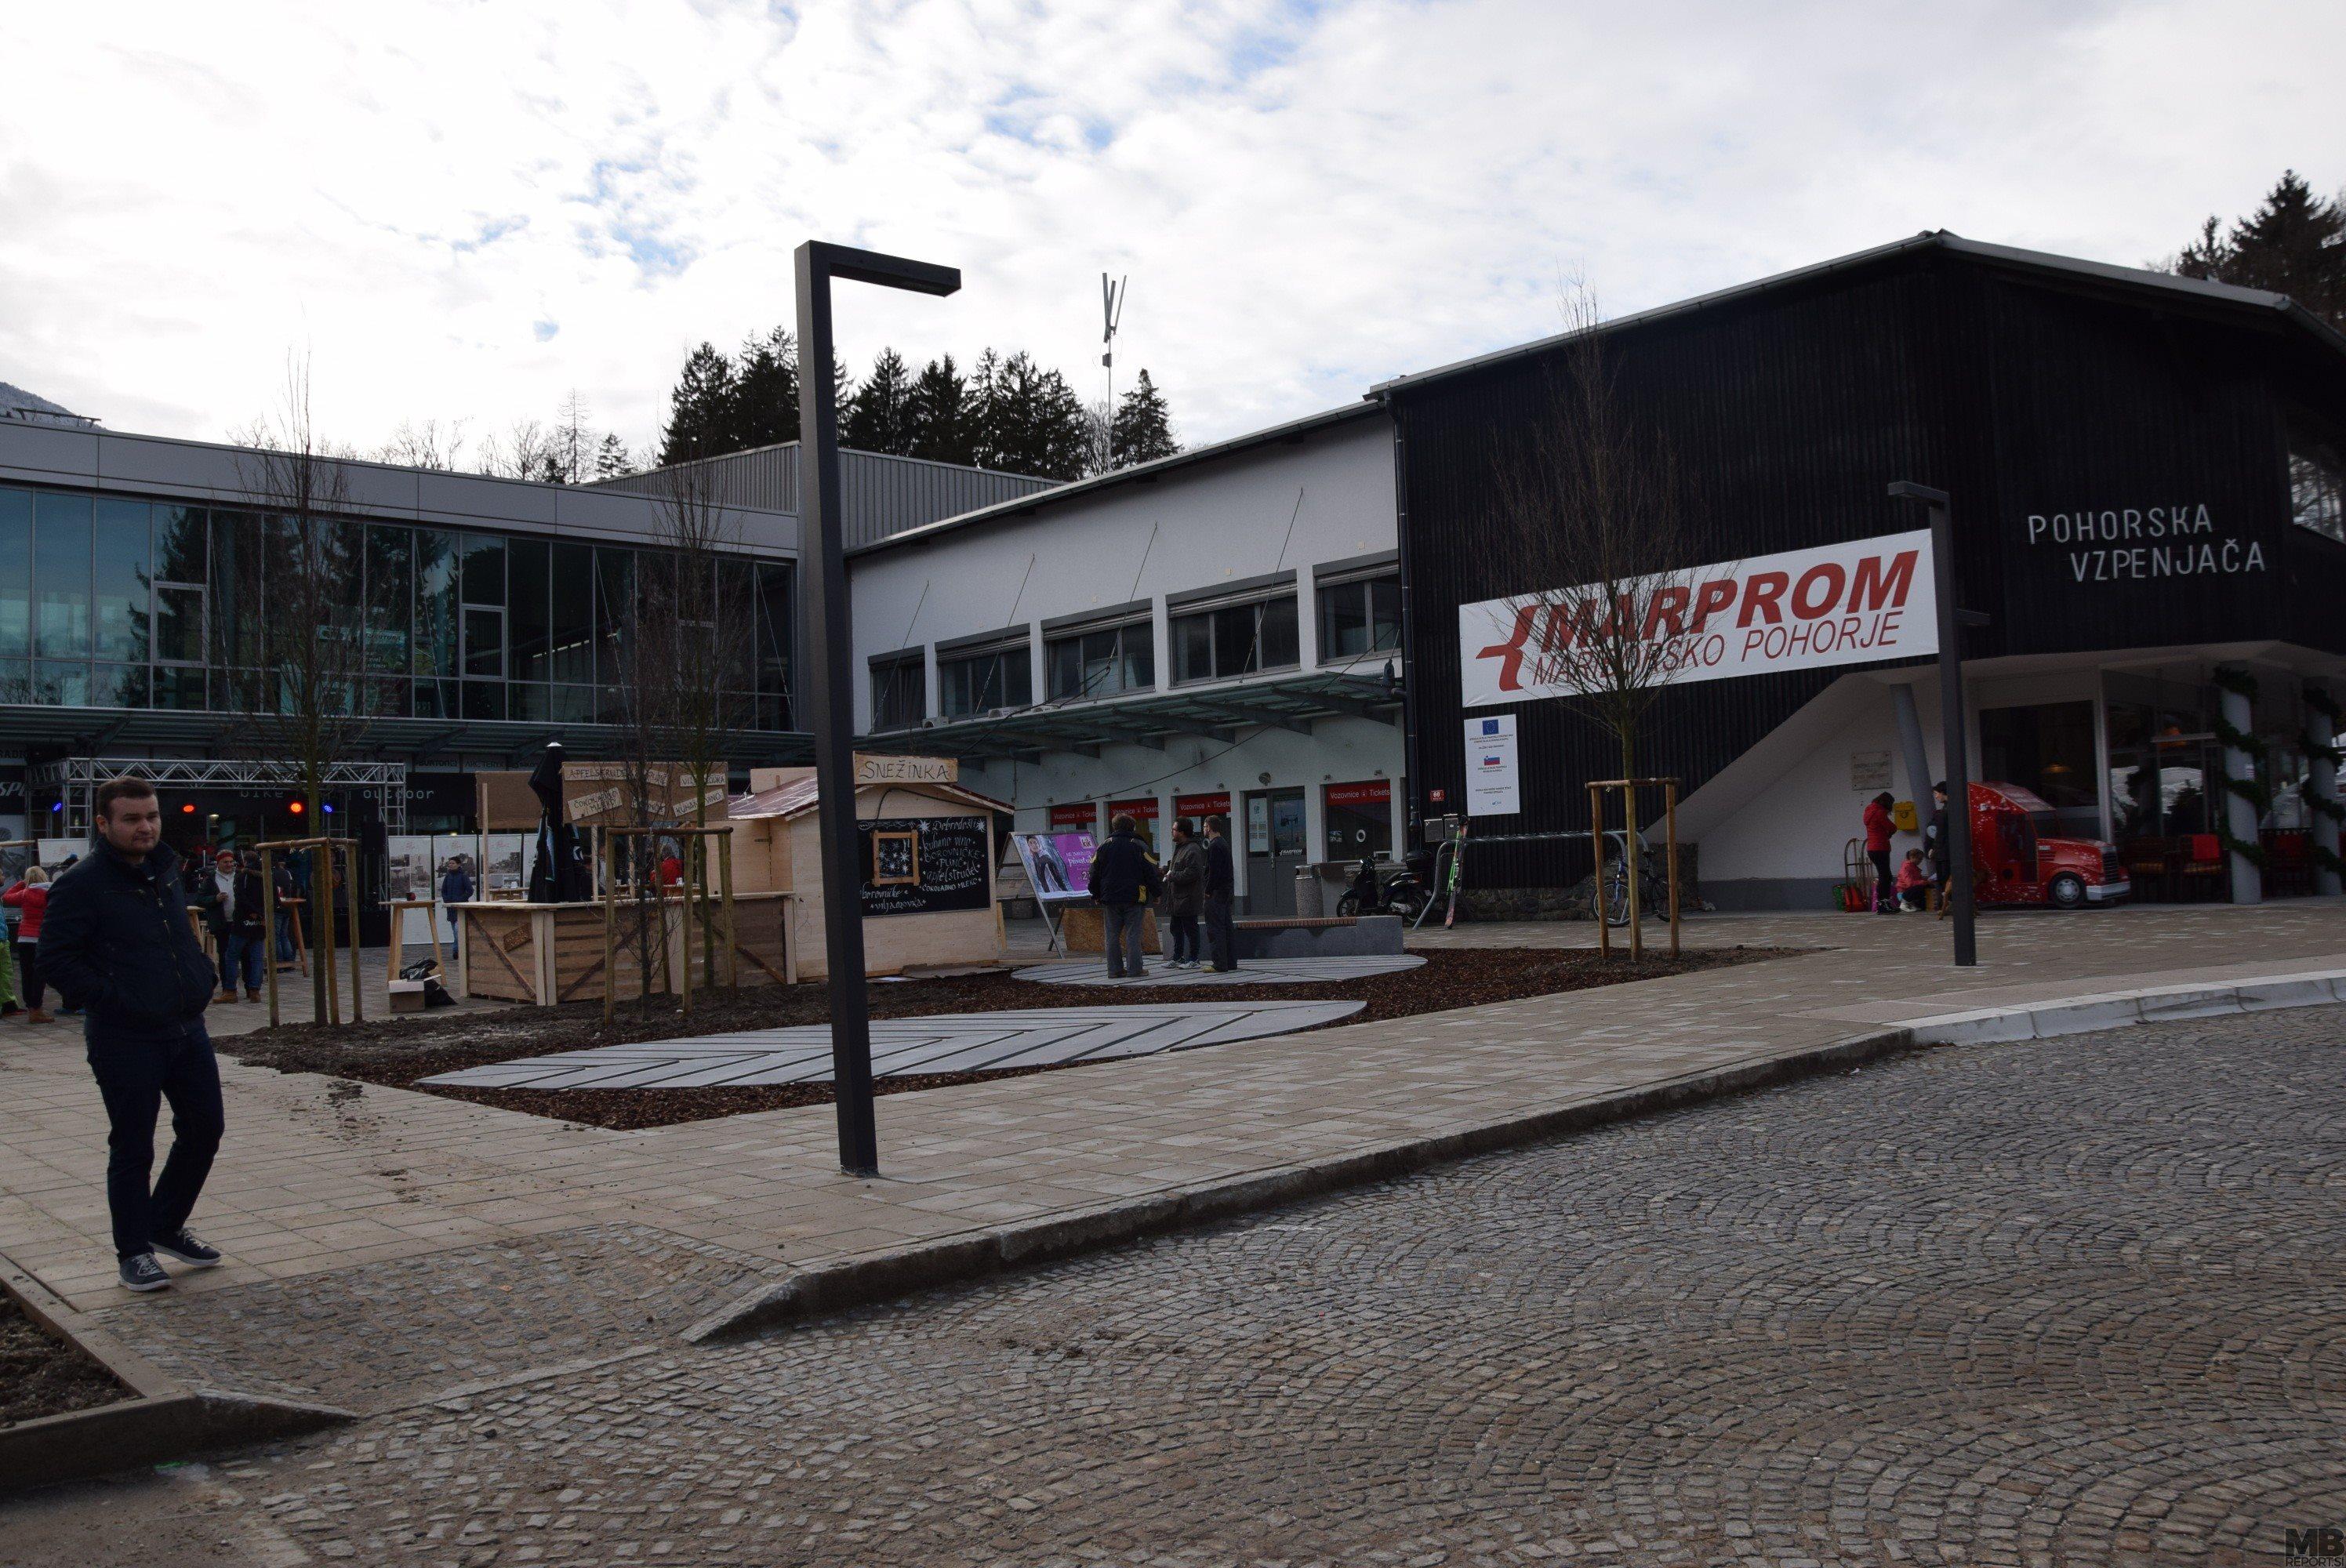 Celovita prenova avtobusnega postajališča in spodnje postaje vzpenjače.